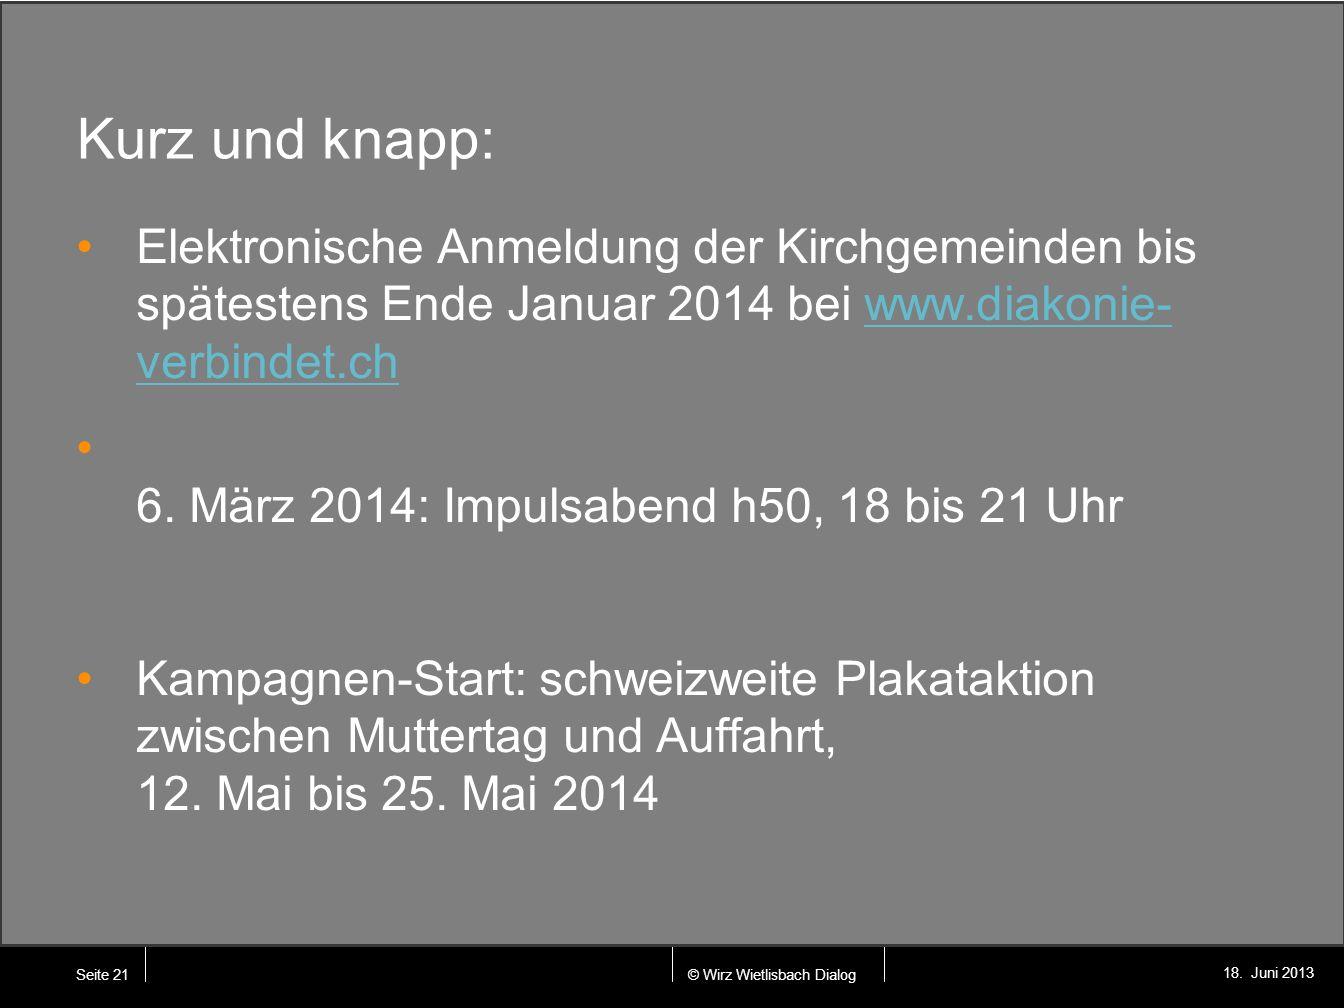 Kurz und knapp: Elektronische Anmeldung der Kirchgemeinden bis spätestens Ende Januar 2014 bei www.diakonie-verbindet.ch.